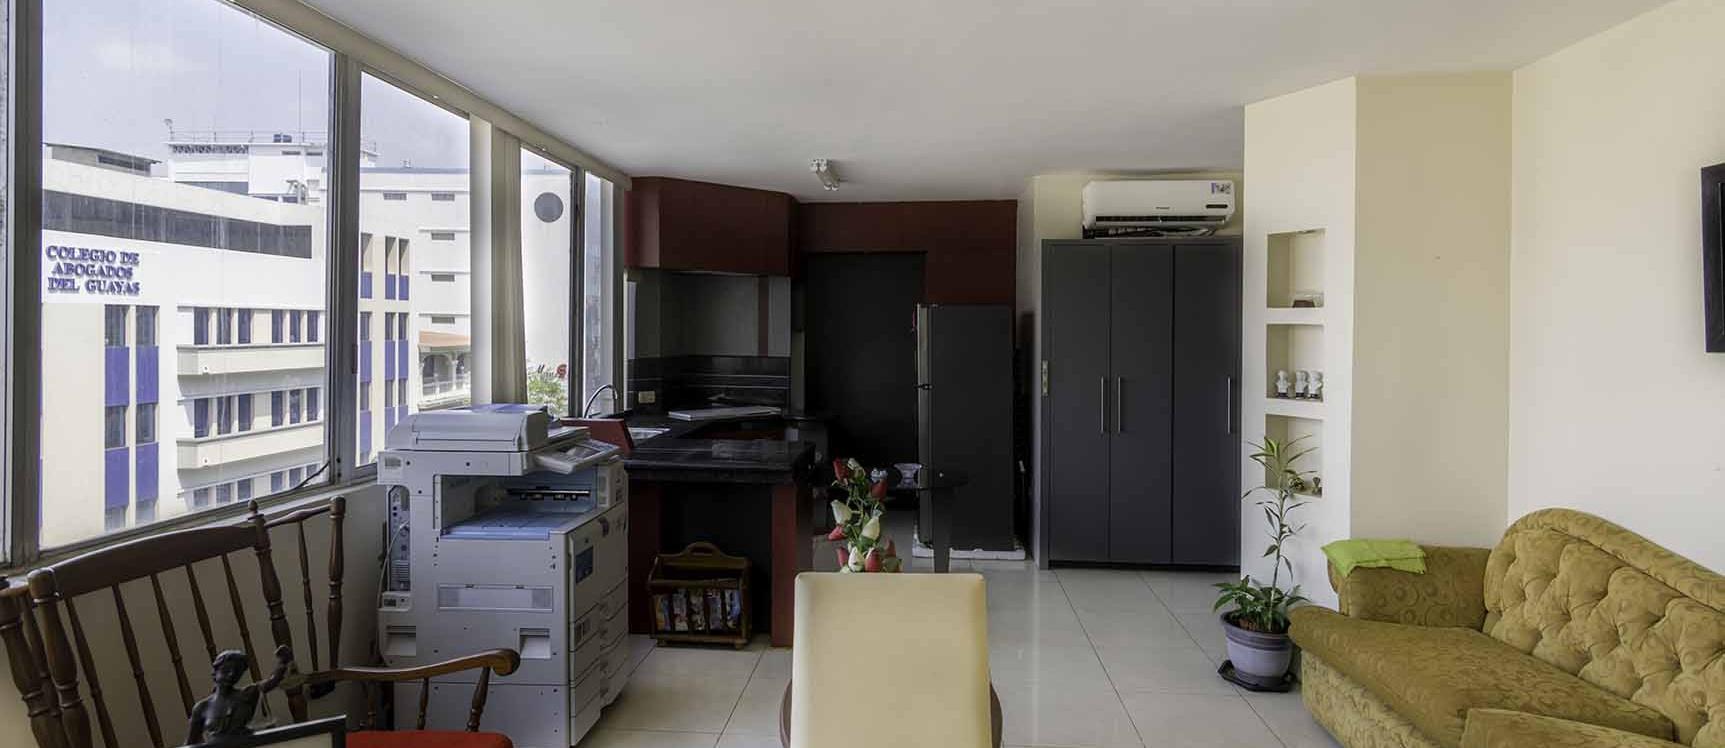 GeoBienes - Oficina en venta en Edificio La Concordia centro de Guayaquil - Plusvalia Guayaquil Casas de venta y alquiler Inmobiliaria Ecuador